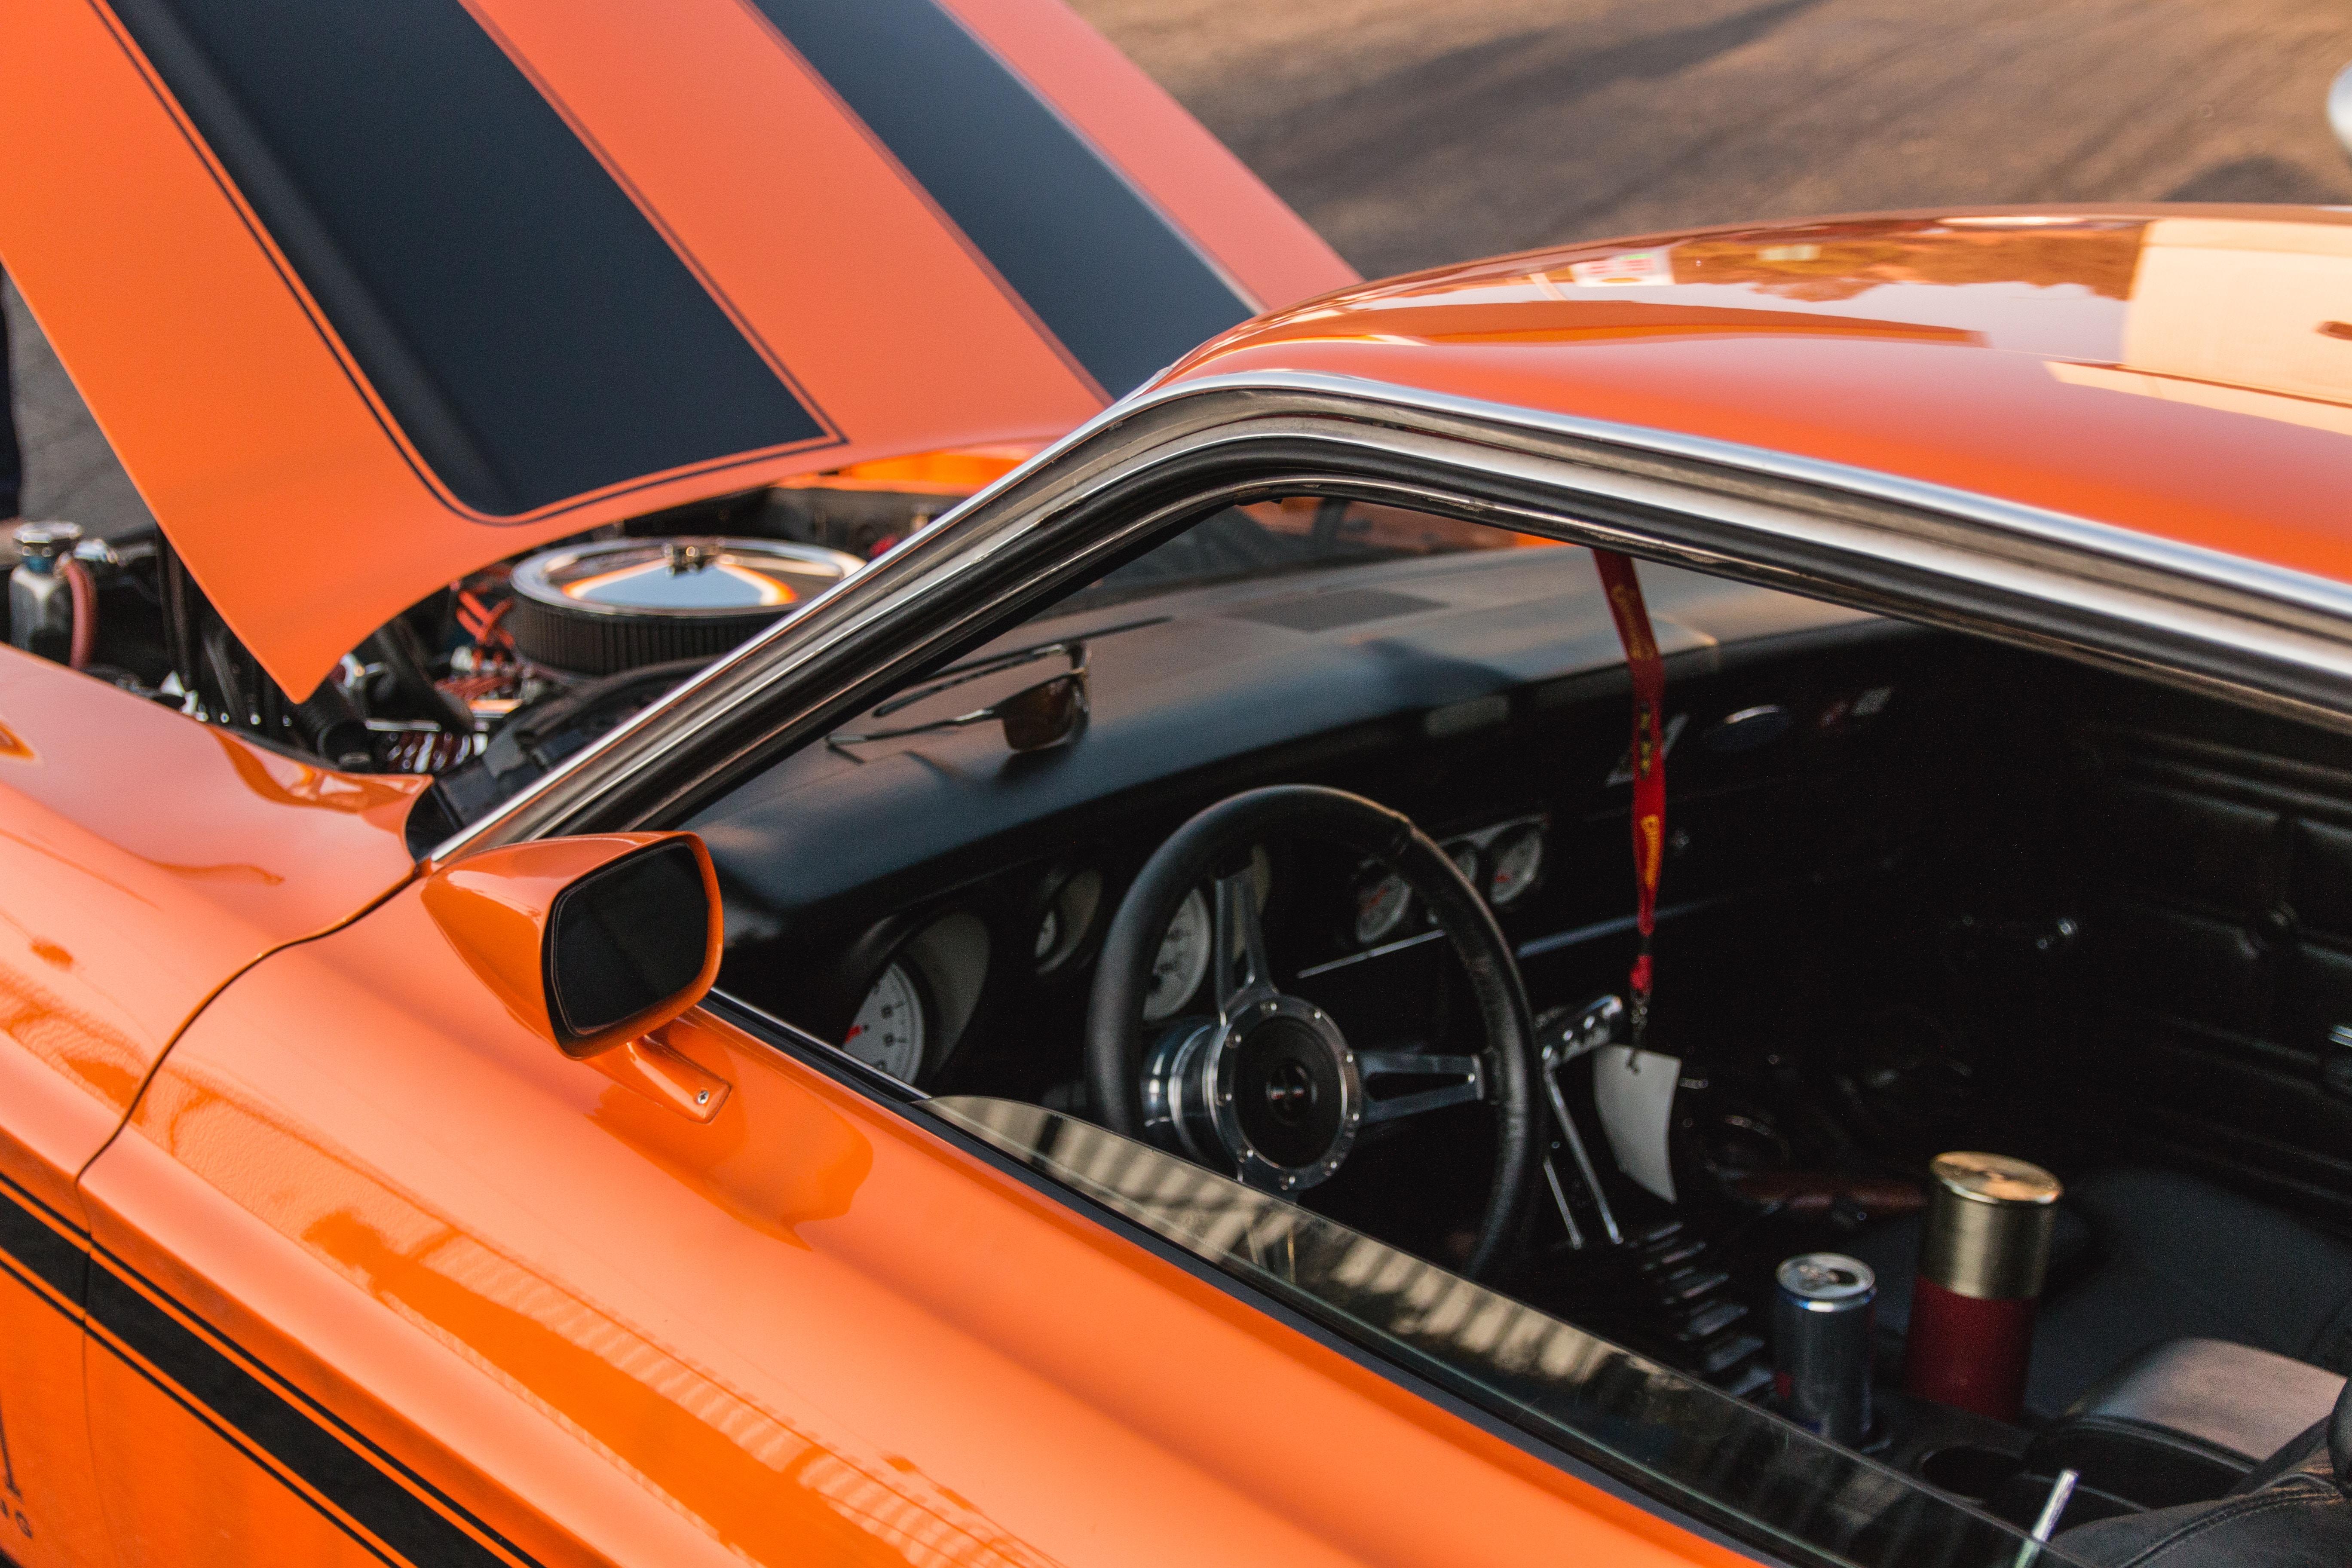 opened orange car engine baty